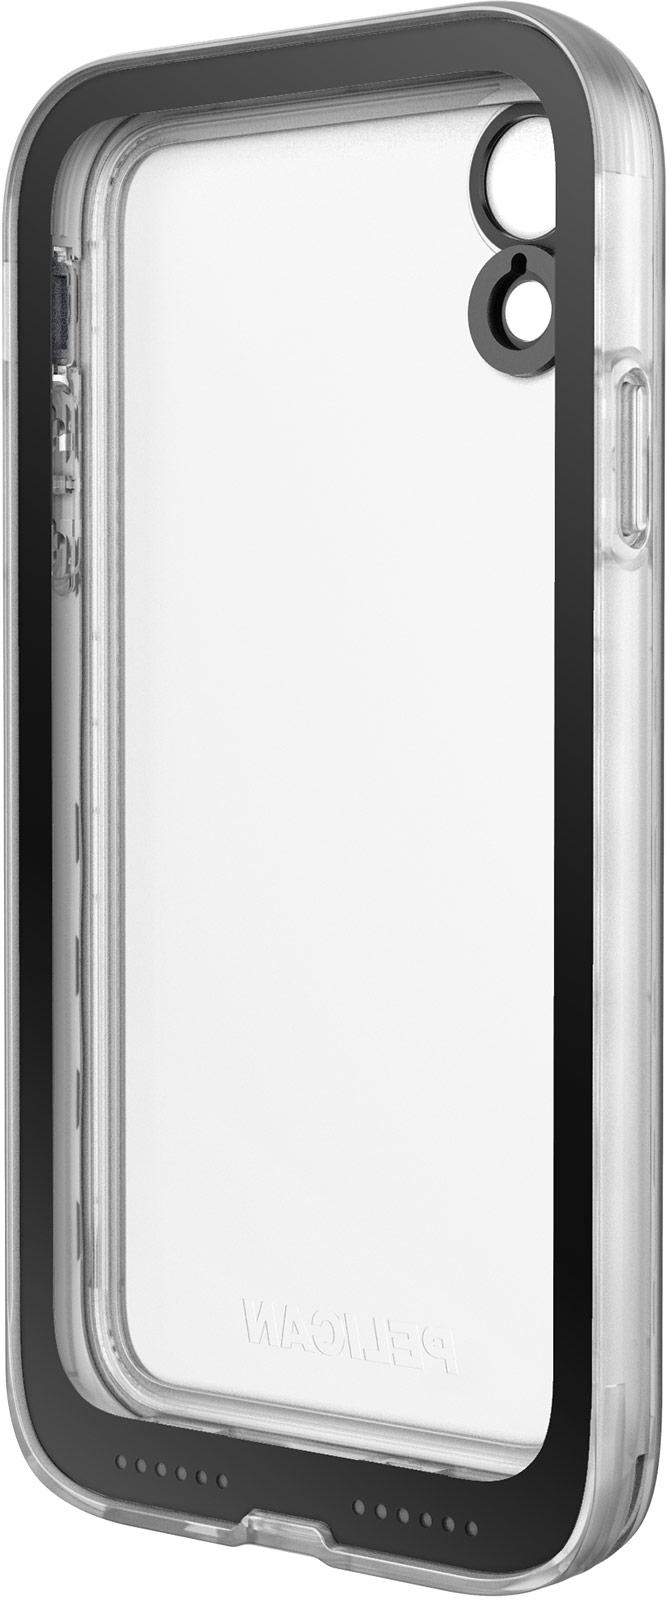 pelican marine case iphone xr cases